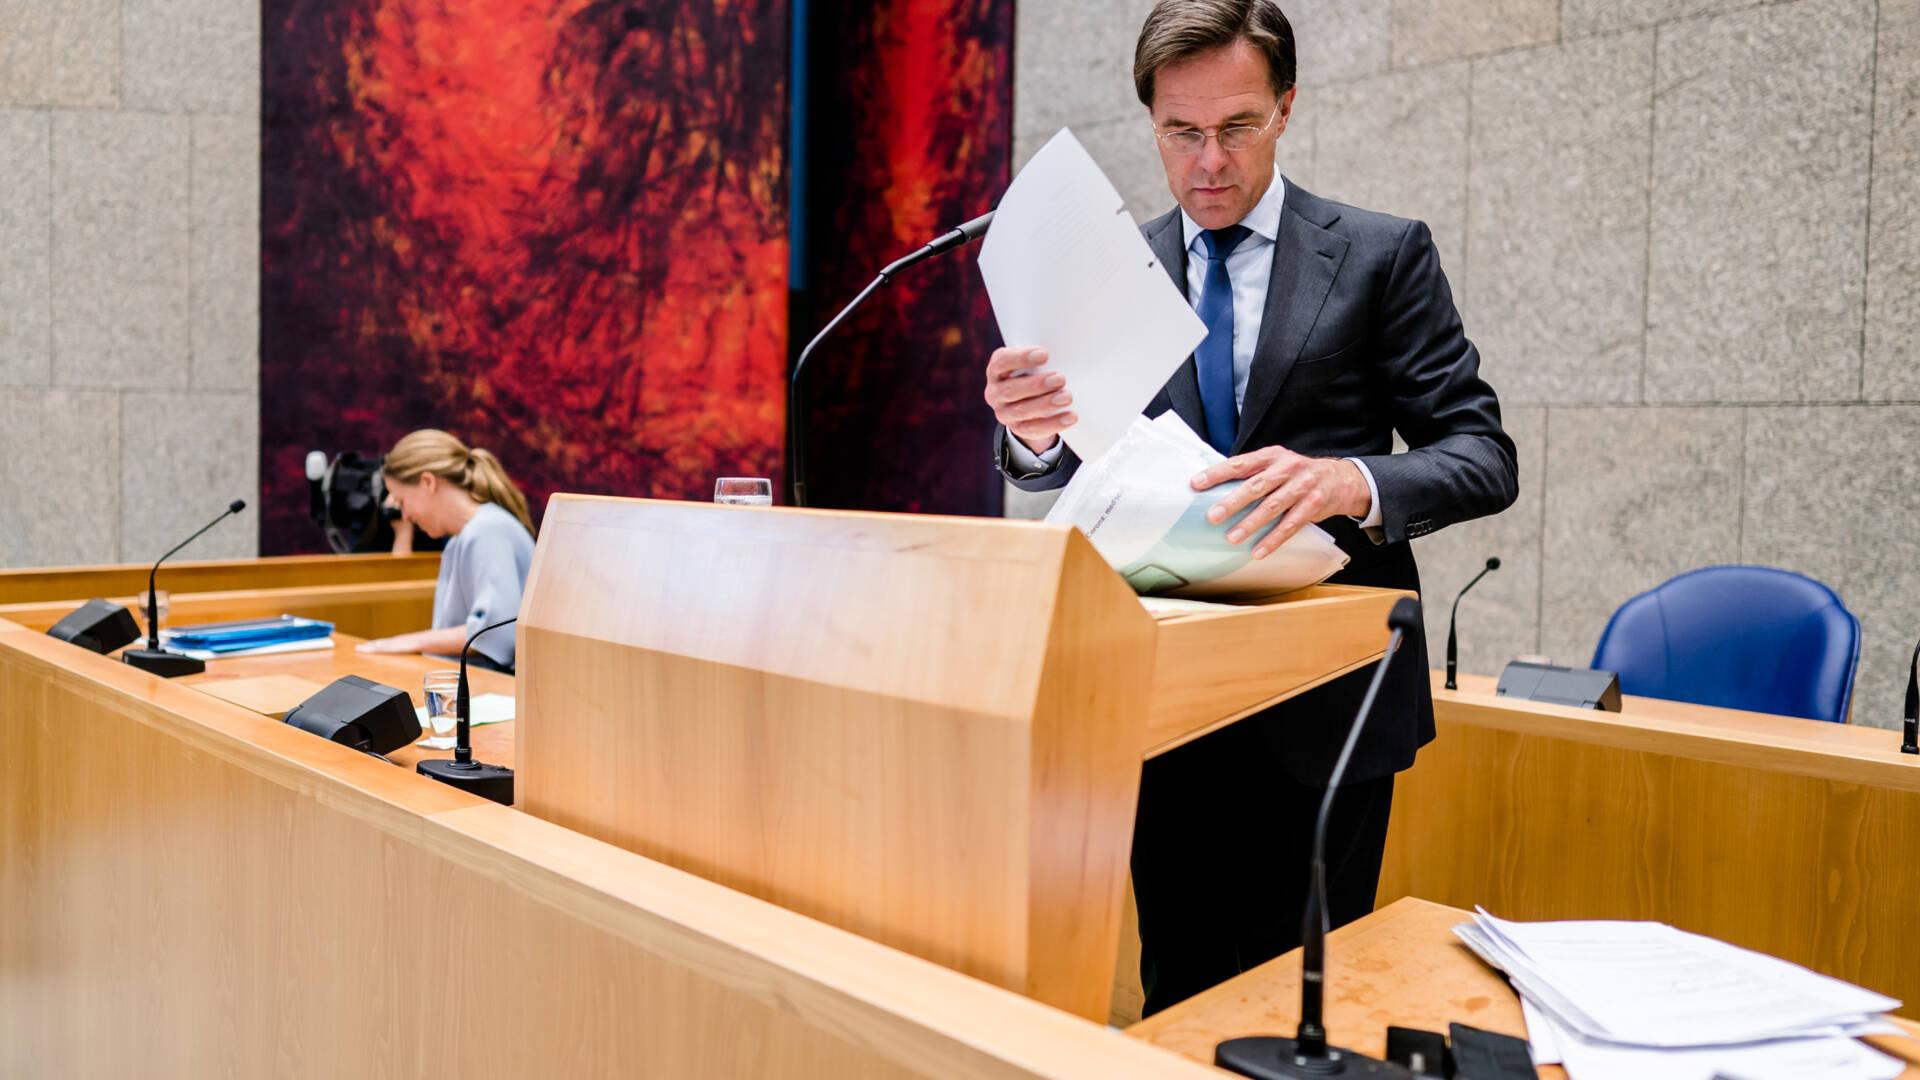 Rutte: يجب على صاحب العمل بذل الجهد لمساعدة الموظف في العثور على وظيفة جديدة